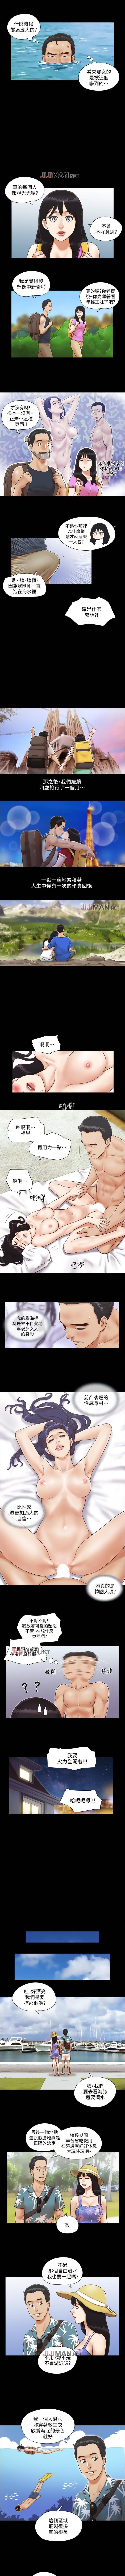 【周五连载】协议换爱(作者:遠德) 第1~62话 2